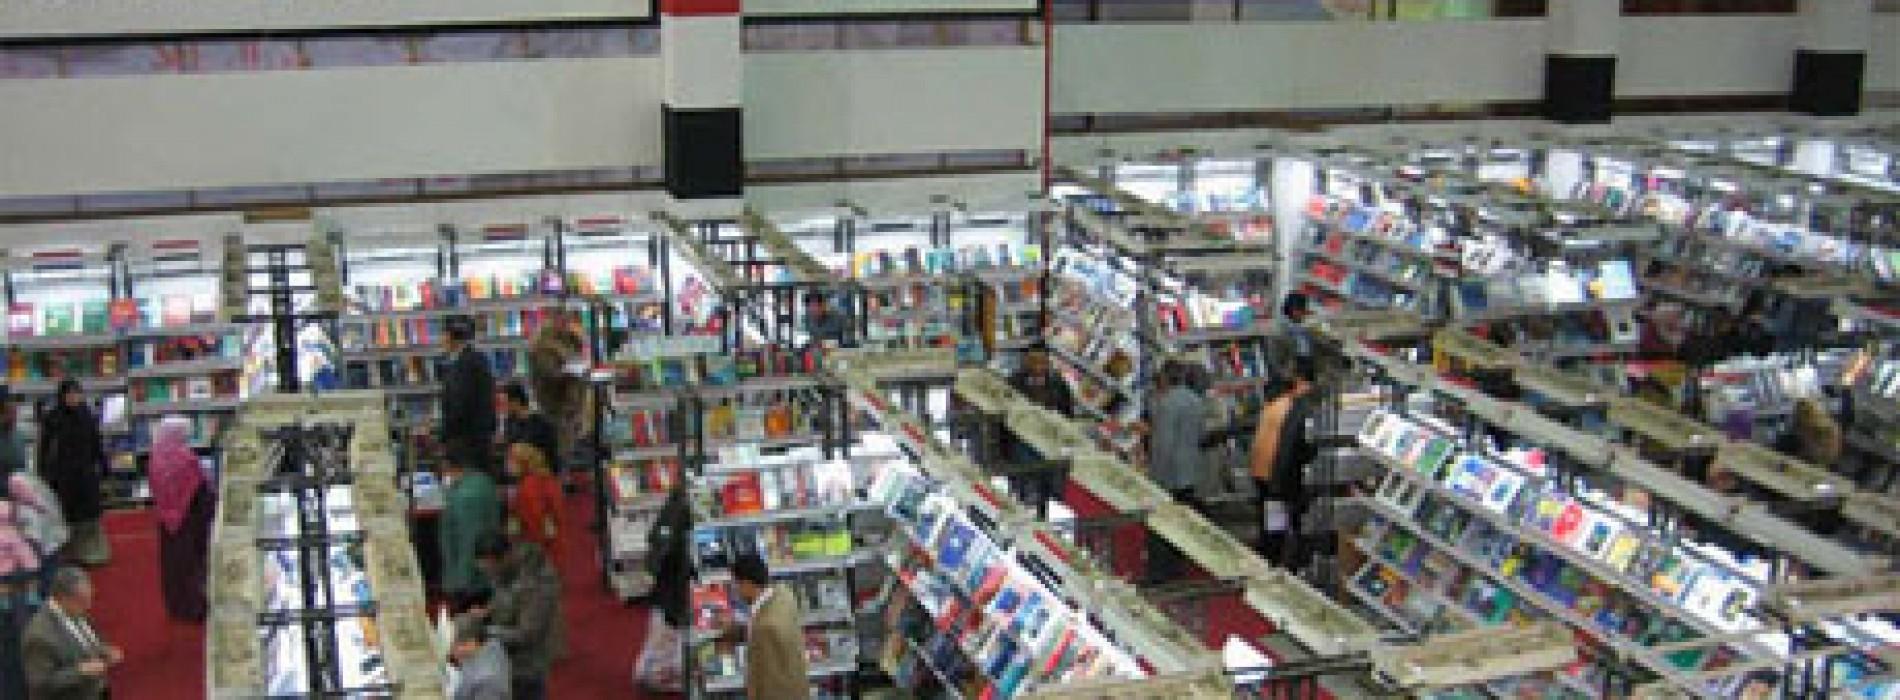 Targul International de Carte de la Cairo isi deschide portile pentru cea de-a 45-a editie